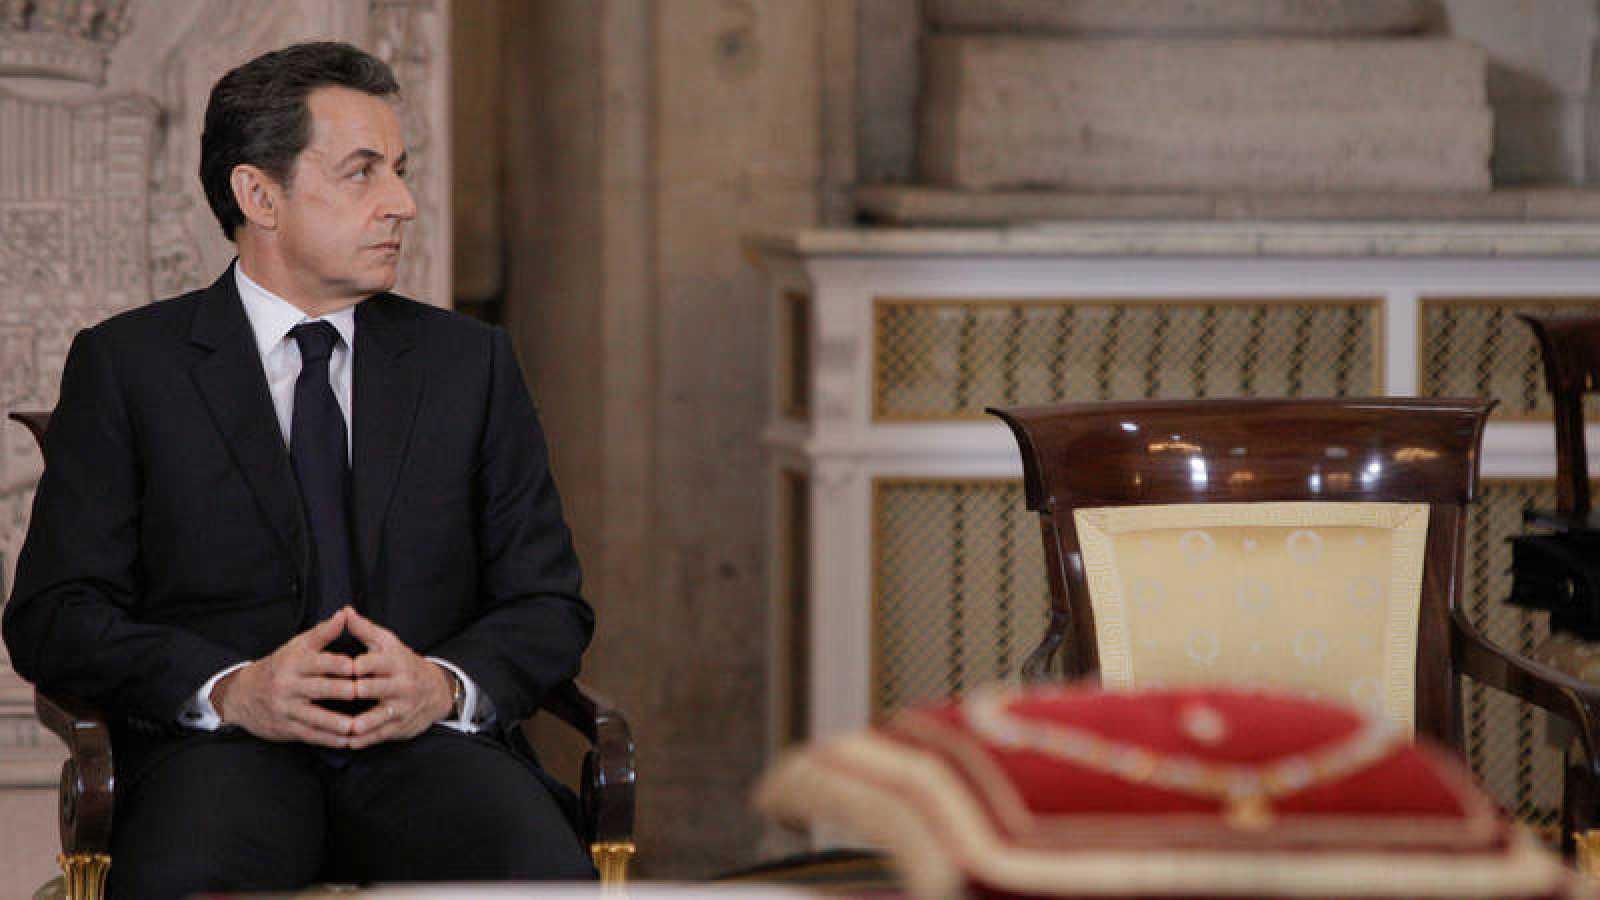 El expresidente francés, Nicolas Sarkozy, durante el acto de imposición del Collar de la Orden del Toisón de Oro en enero de 2012